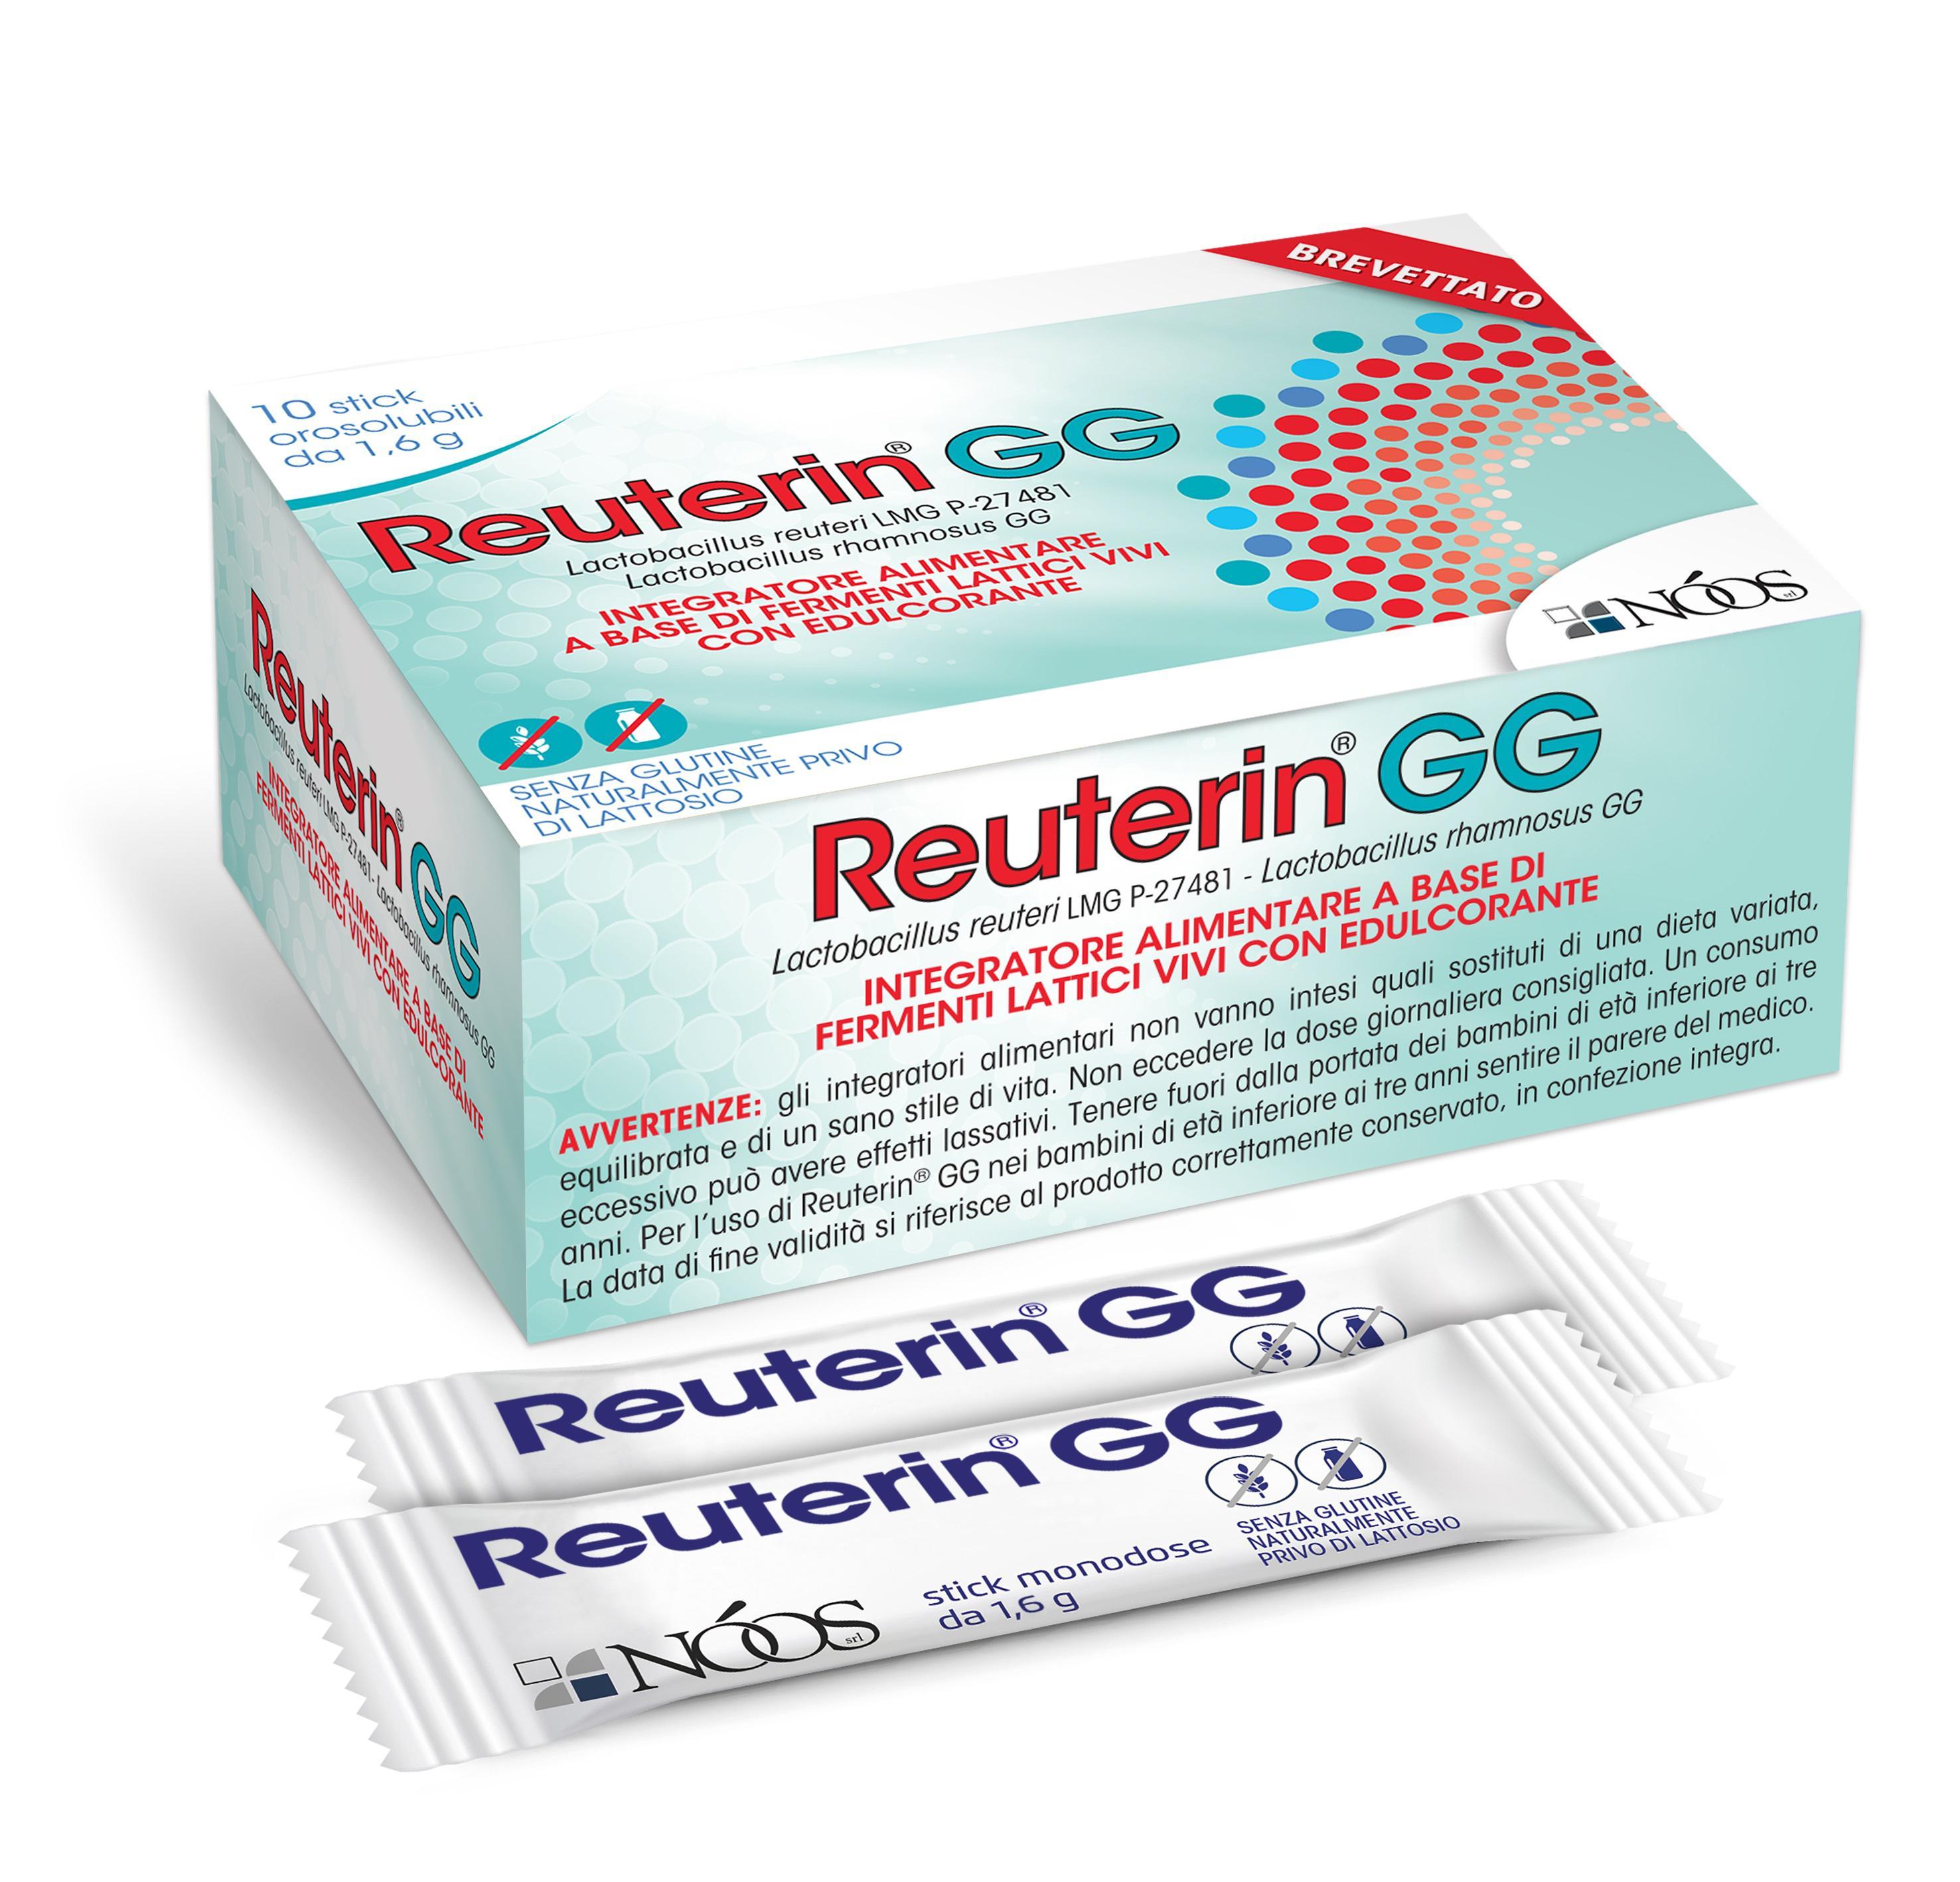 REUTERIN GG